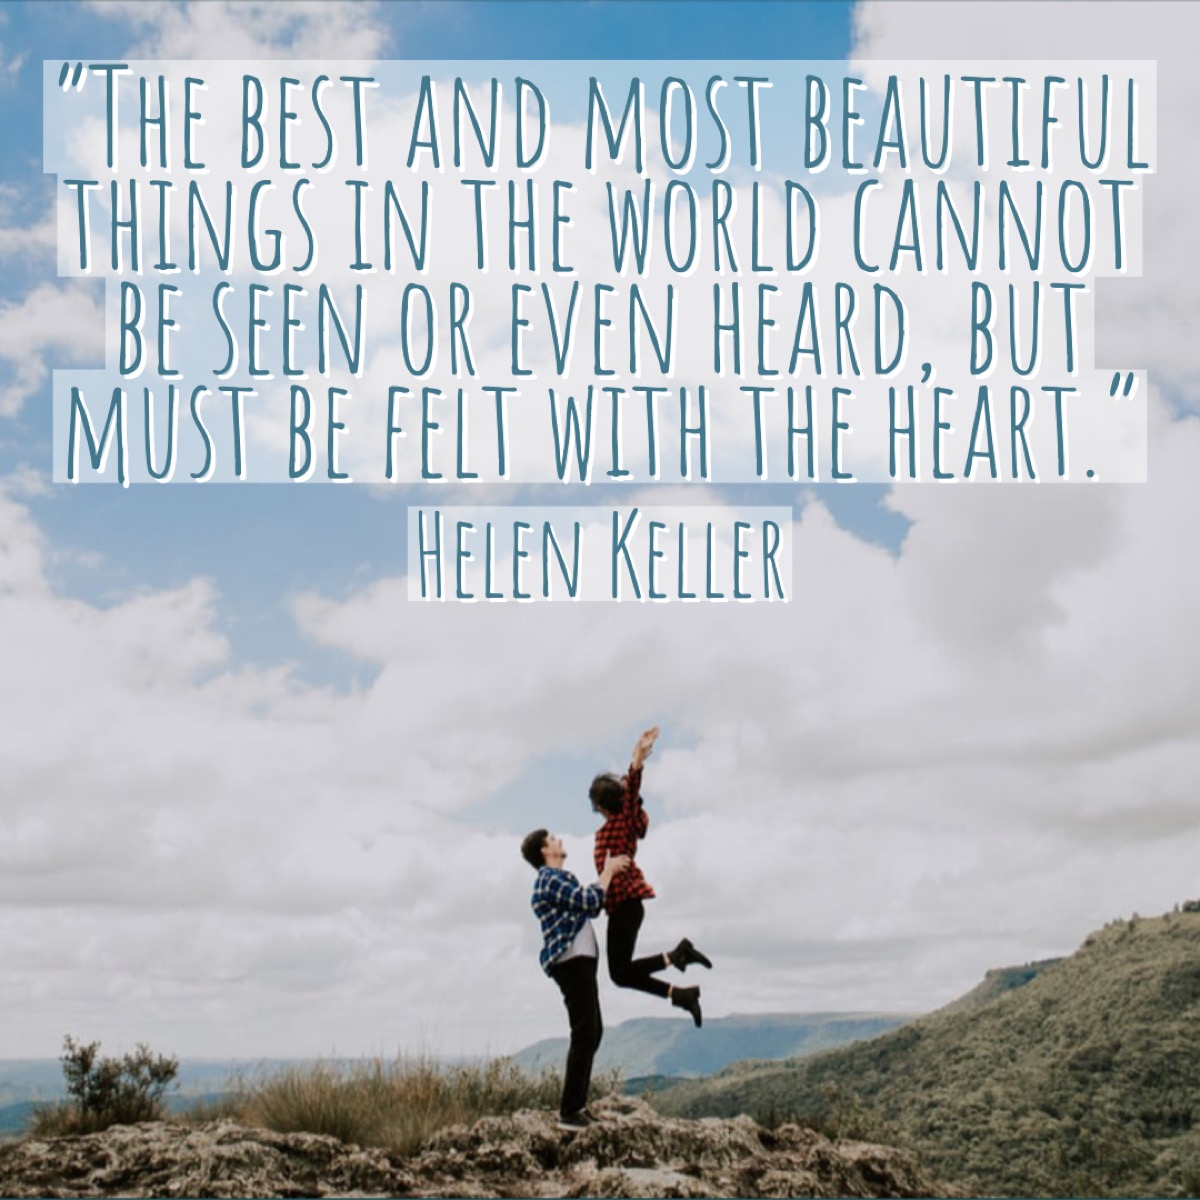 Helen Keller Relationship Quote